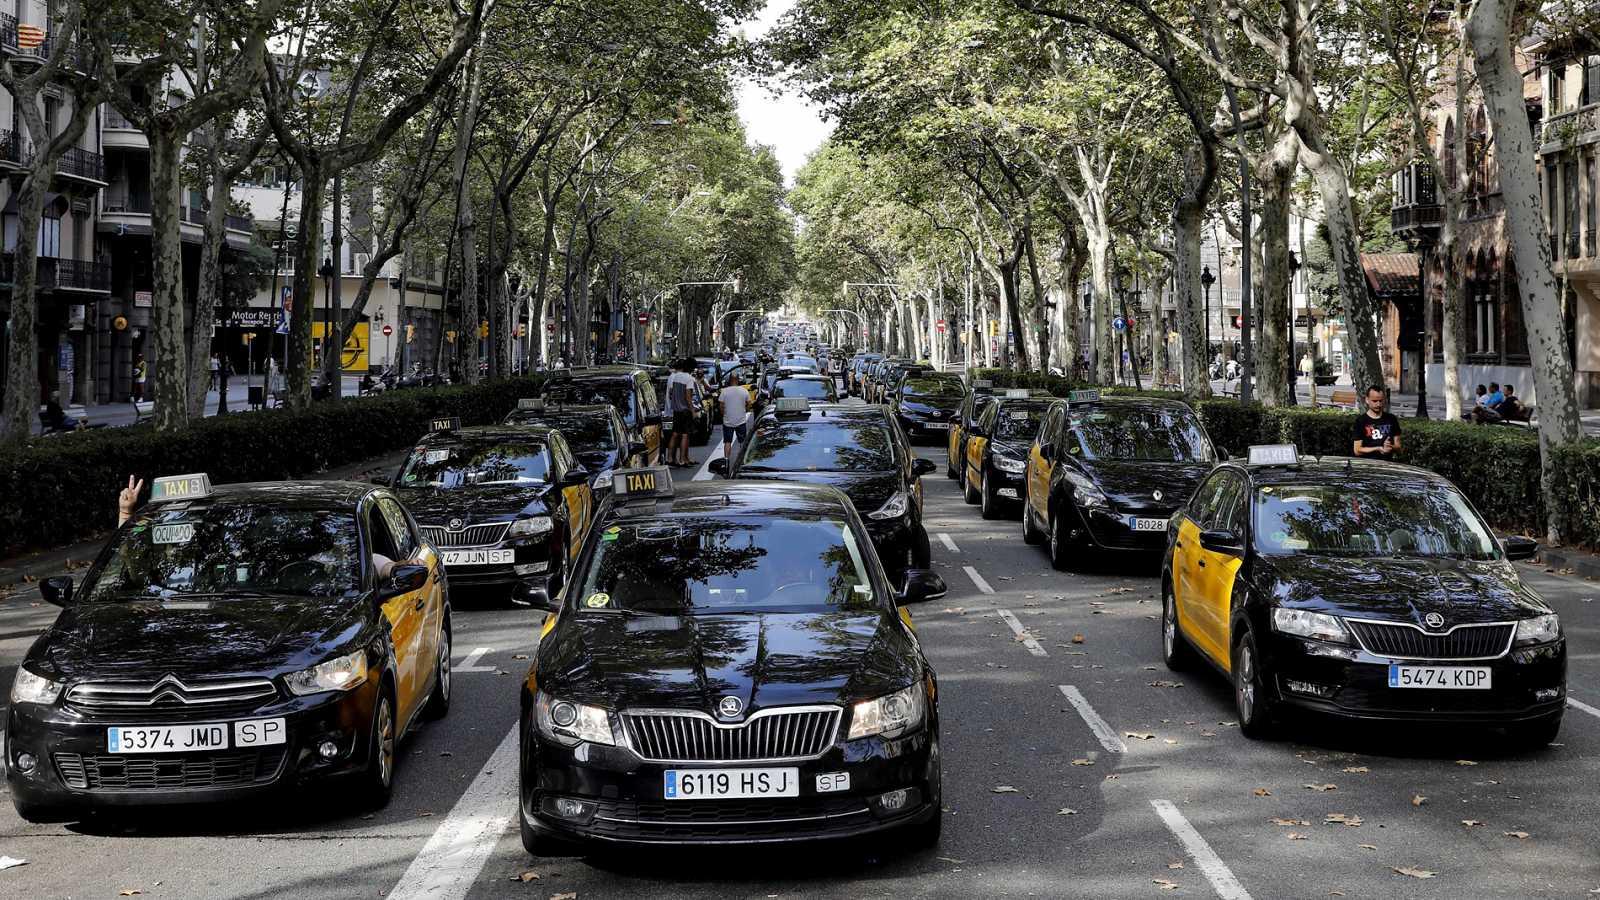 Такси как популярный вид транспорта в испании